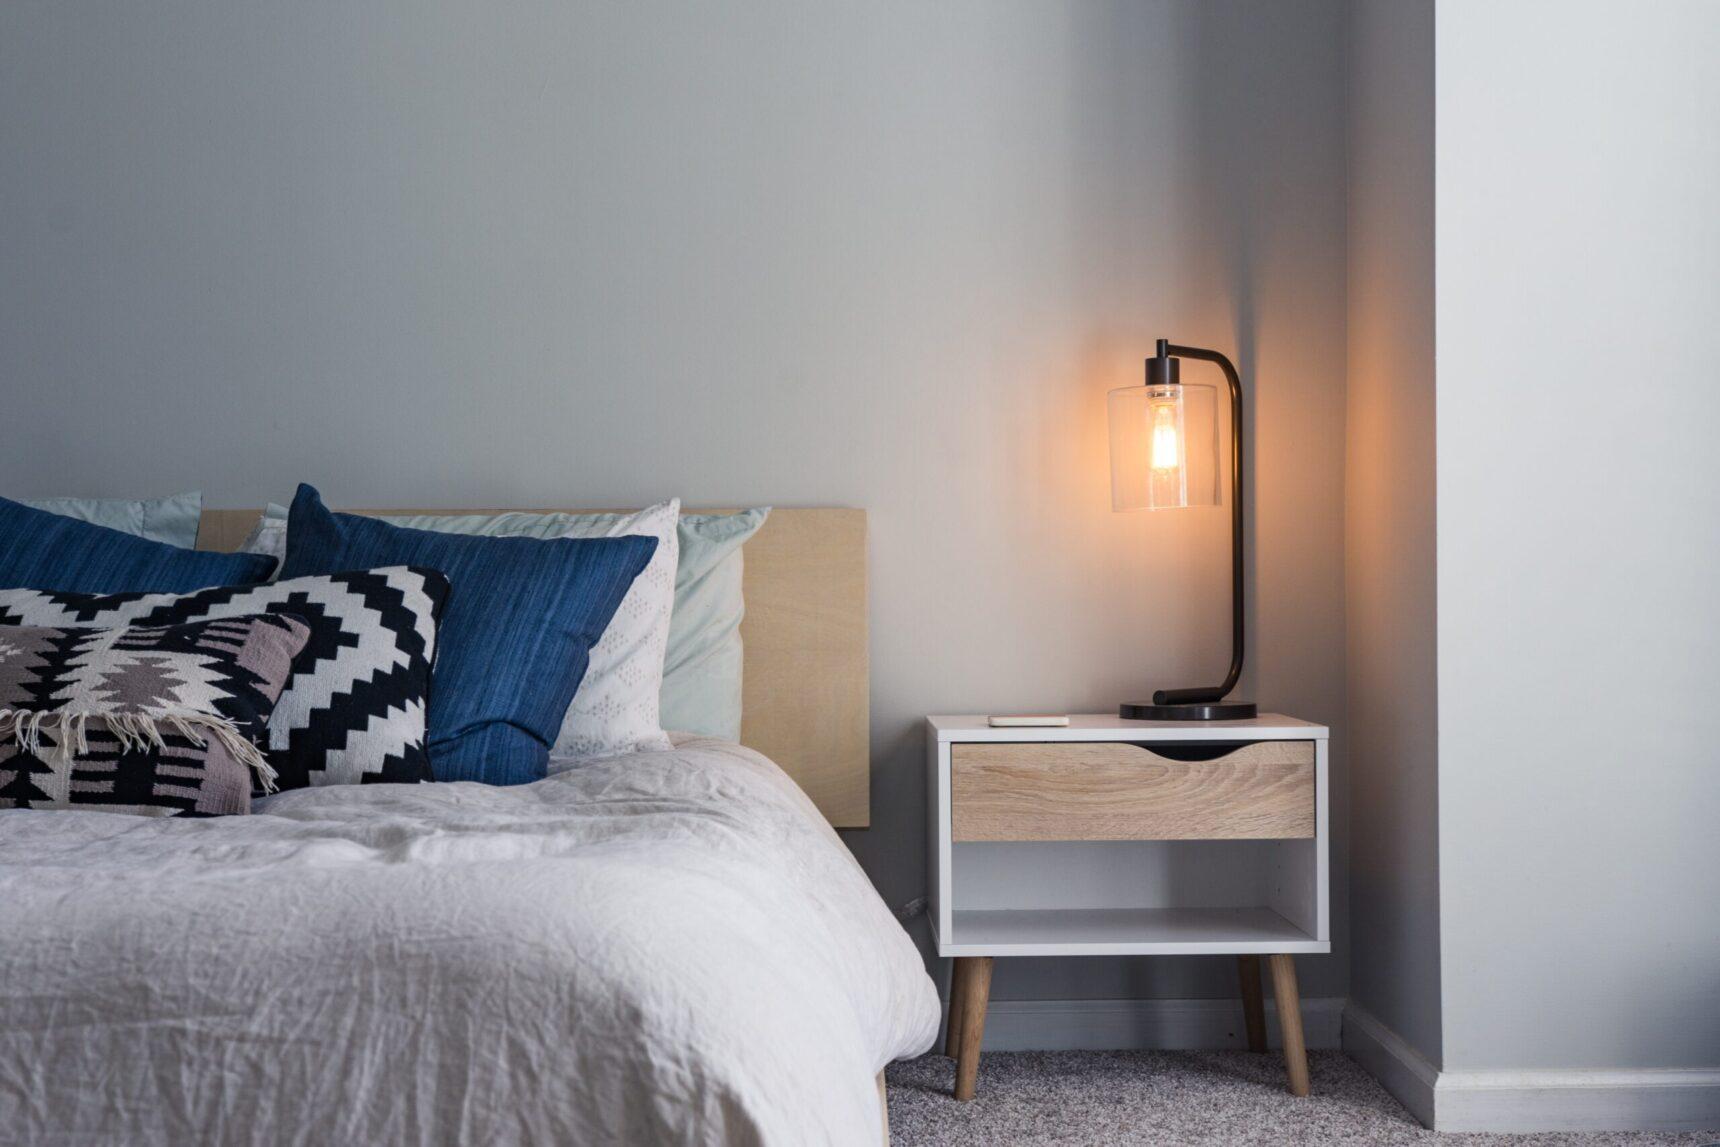 Jak wybrać pierwszy materac do łóżka? Sprawdź nasze przydatne wskazówki!